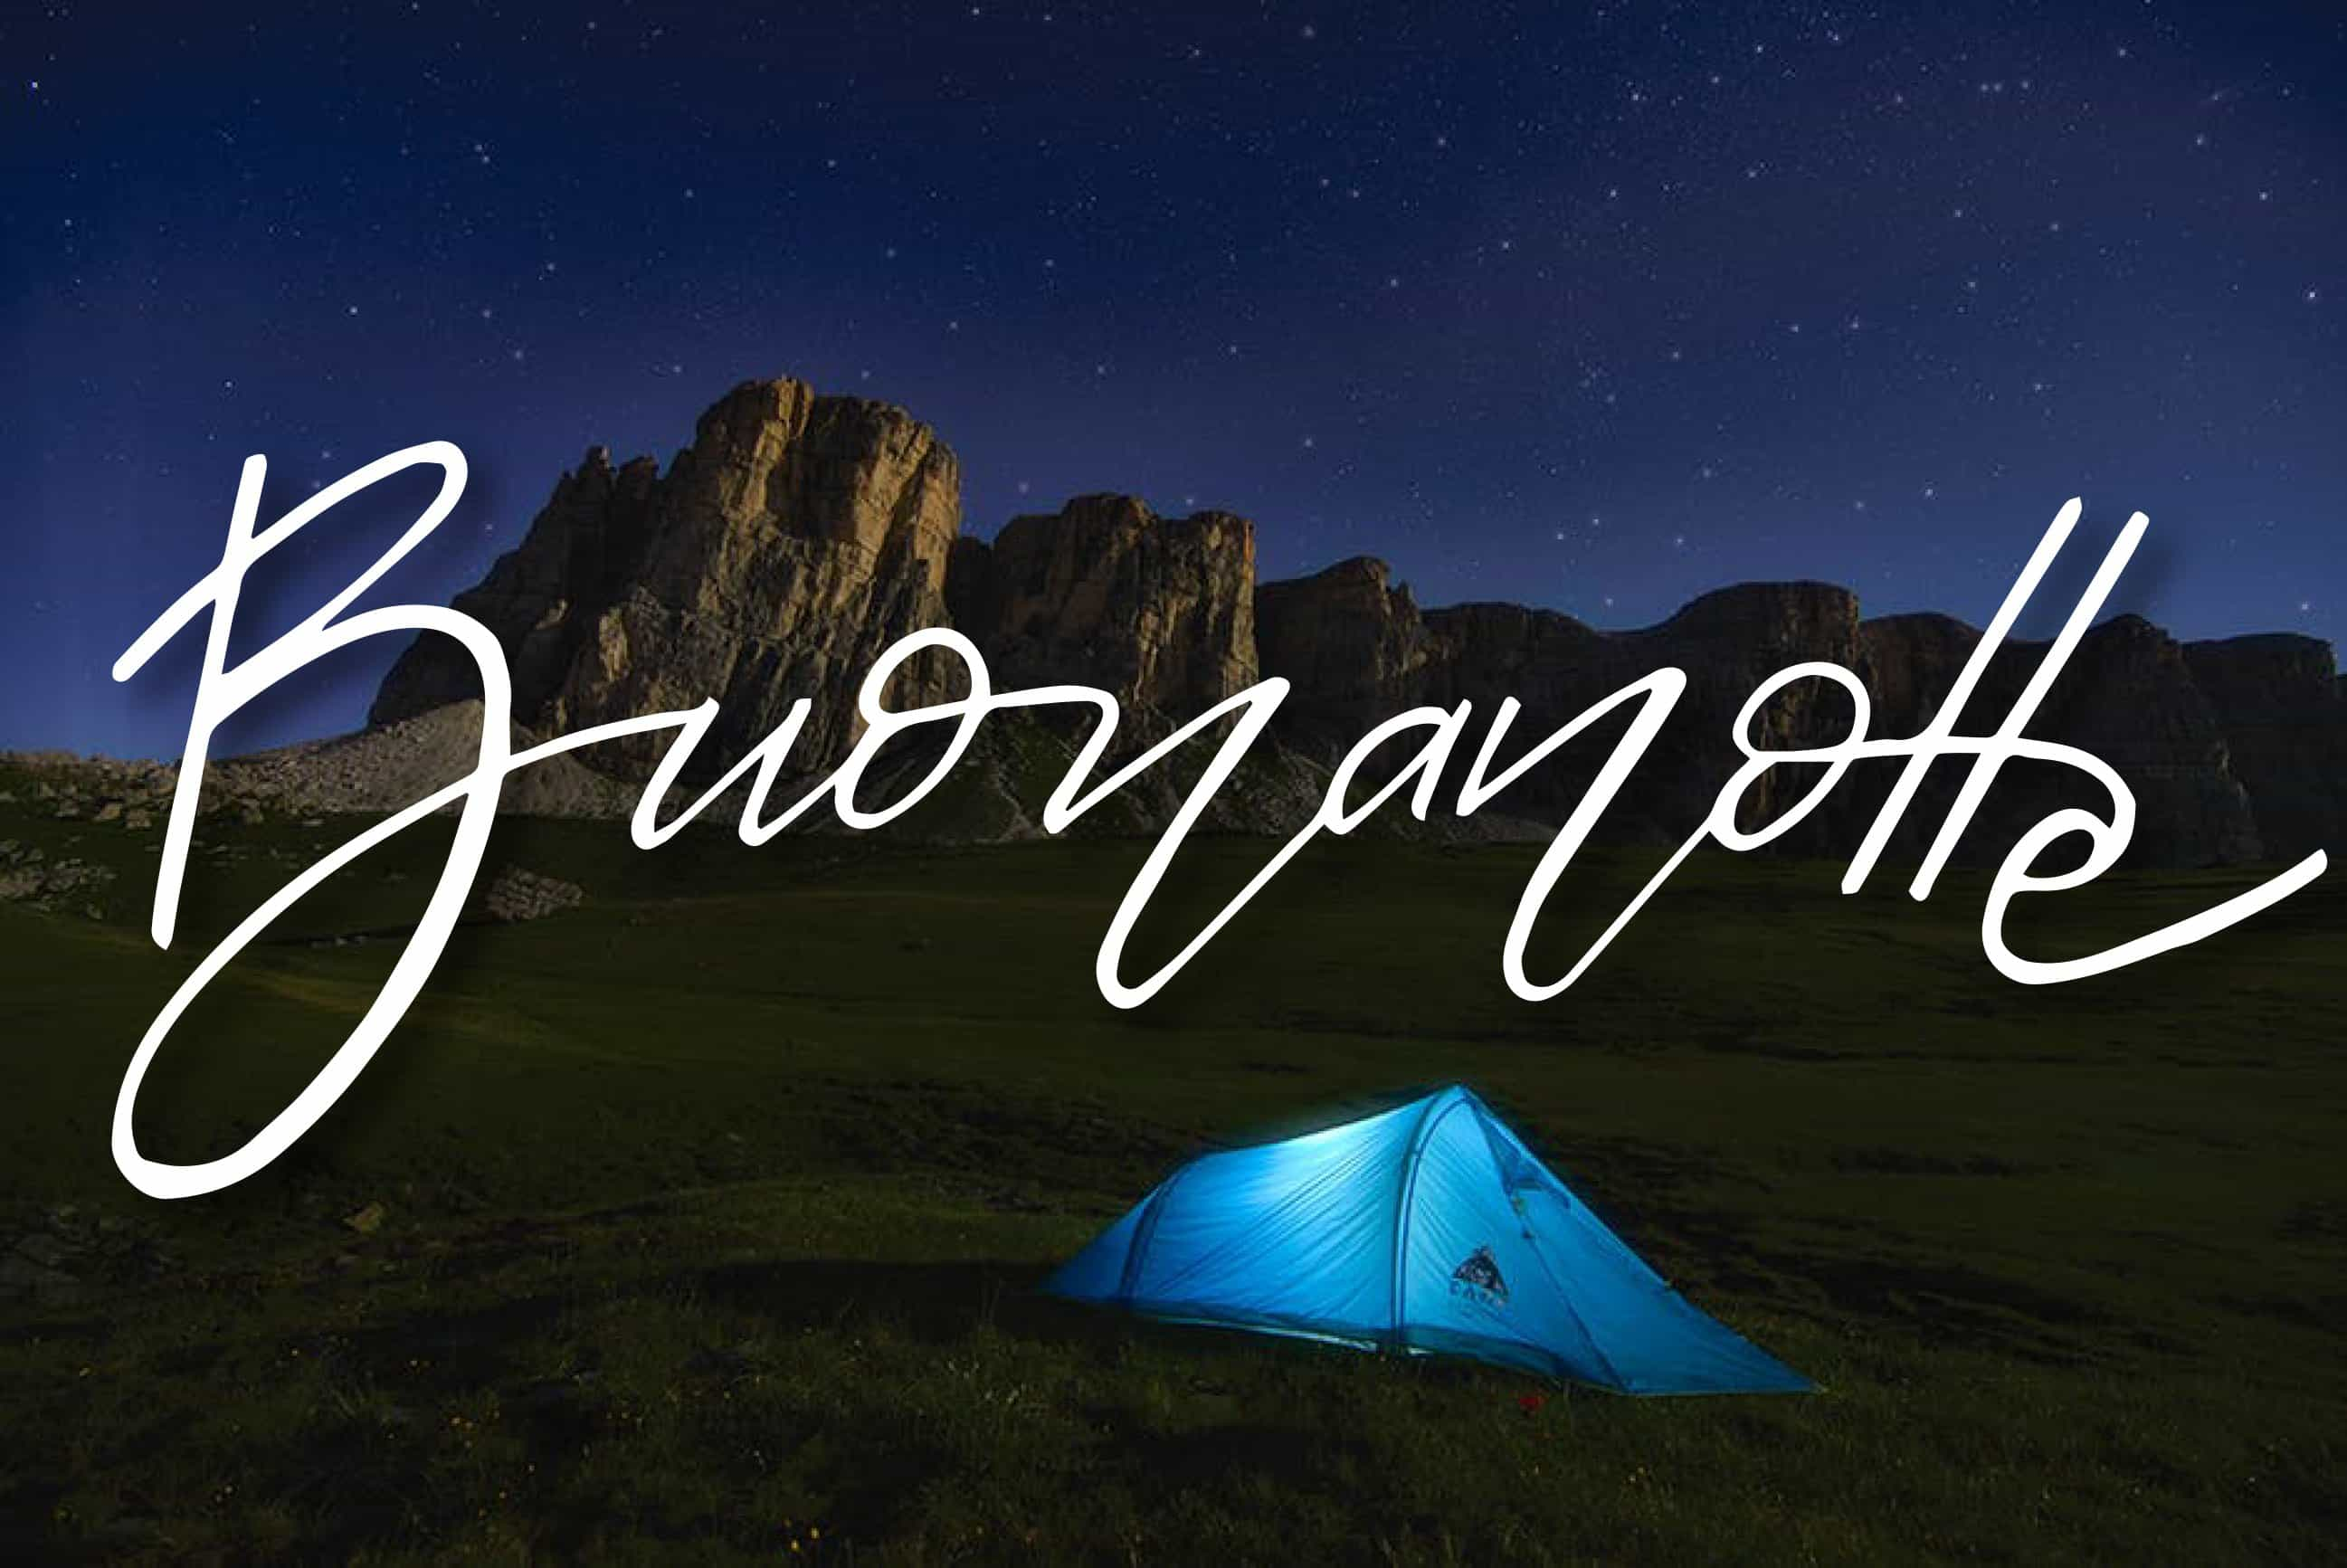 buon natale e buona notte in natale